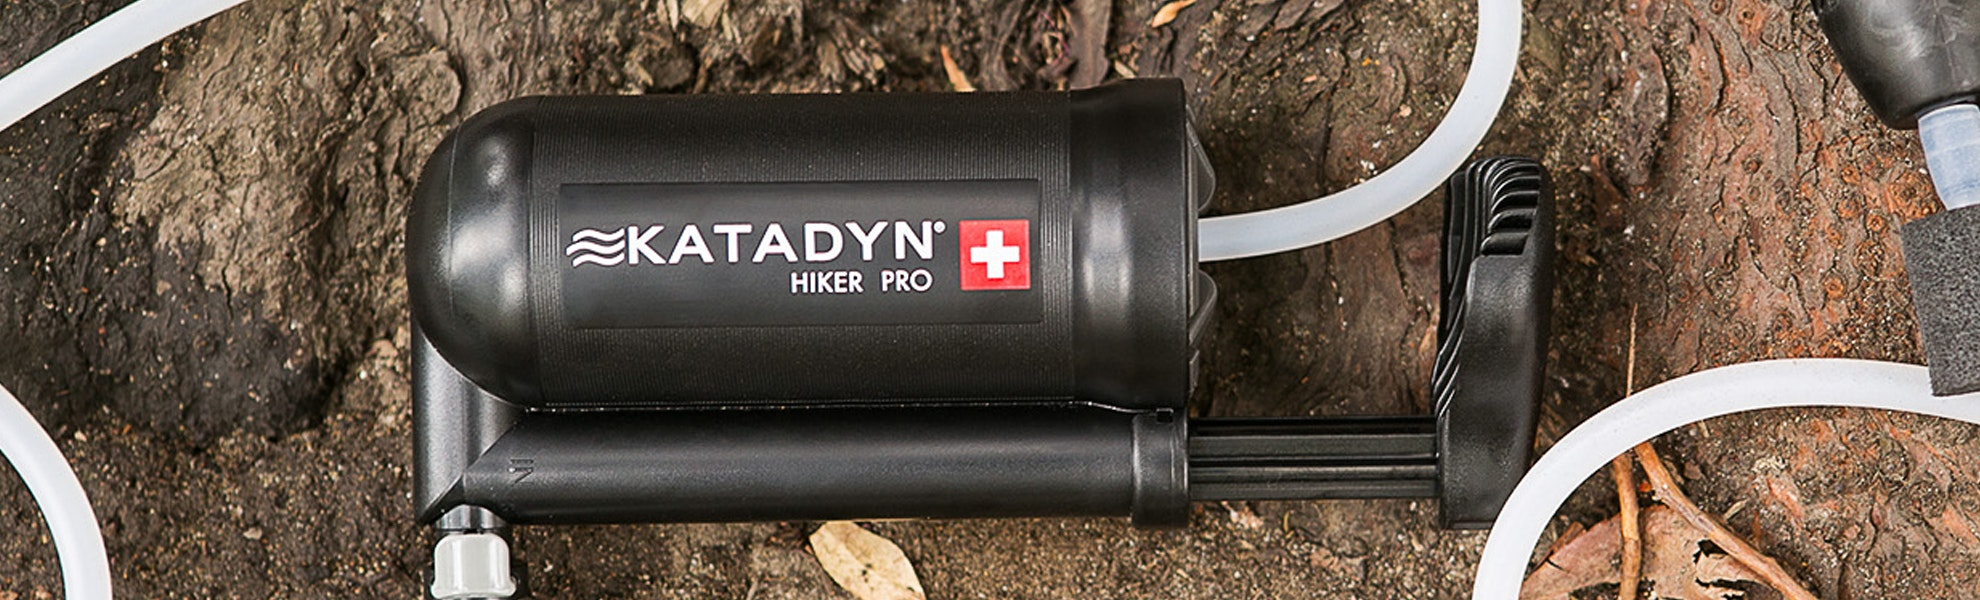 Katadyn Hiker Pro